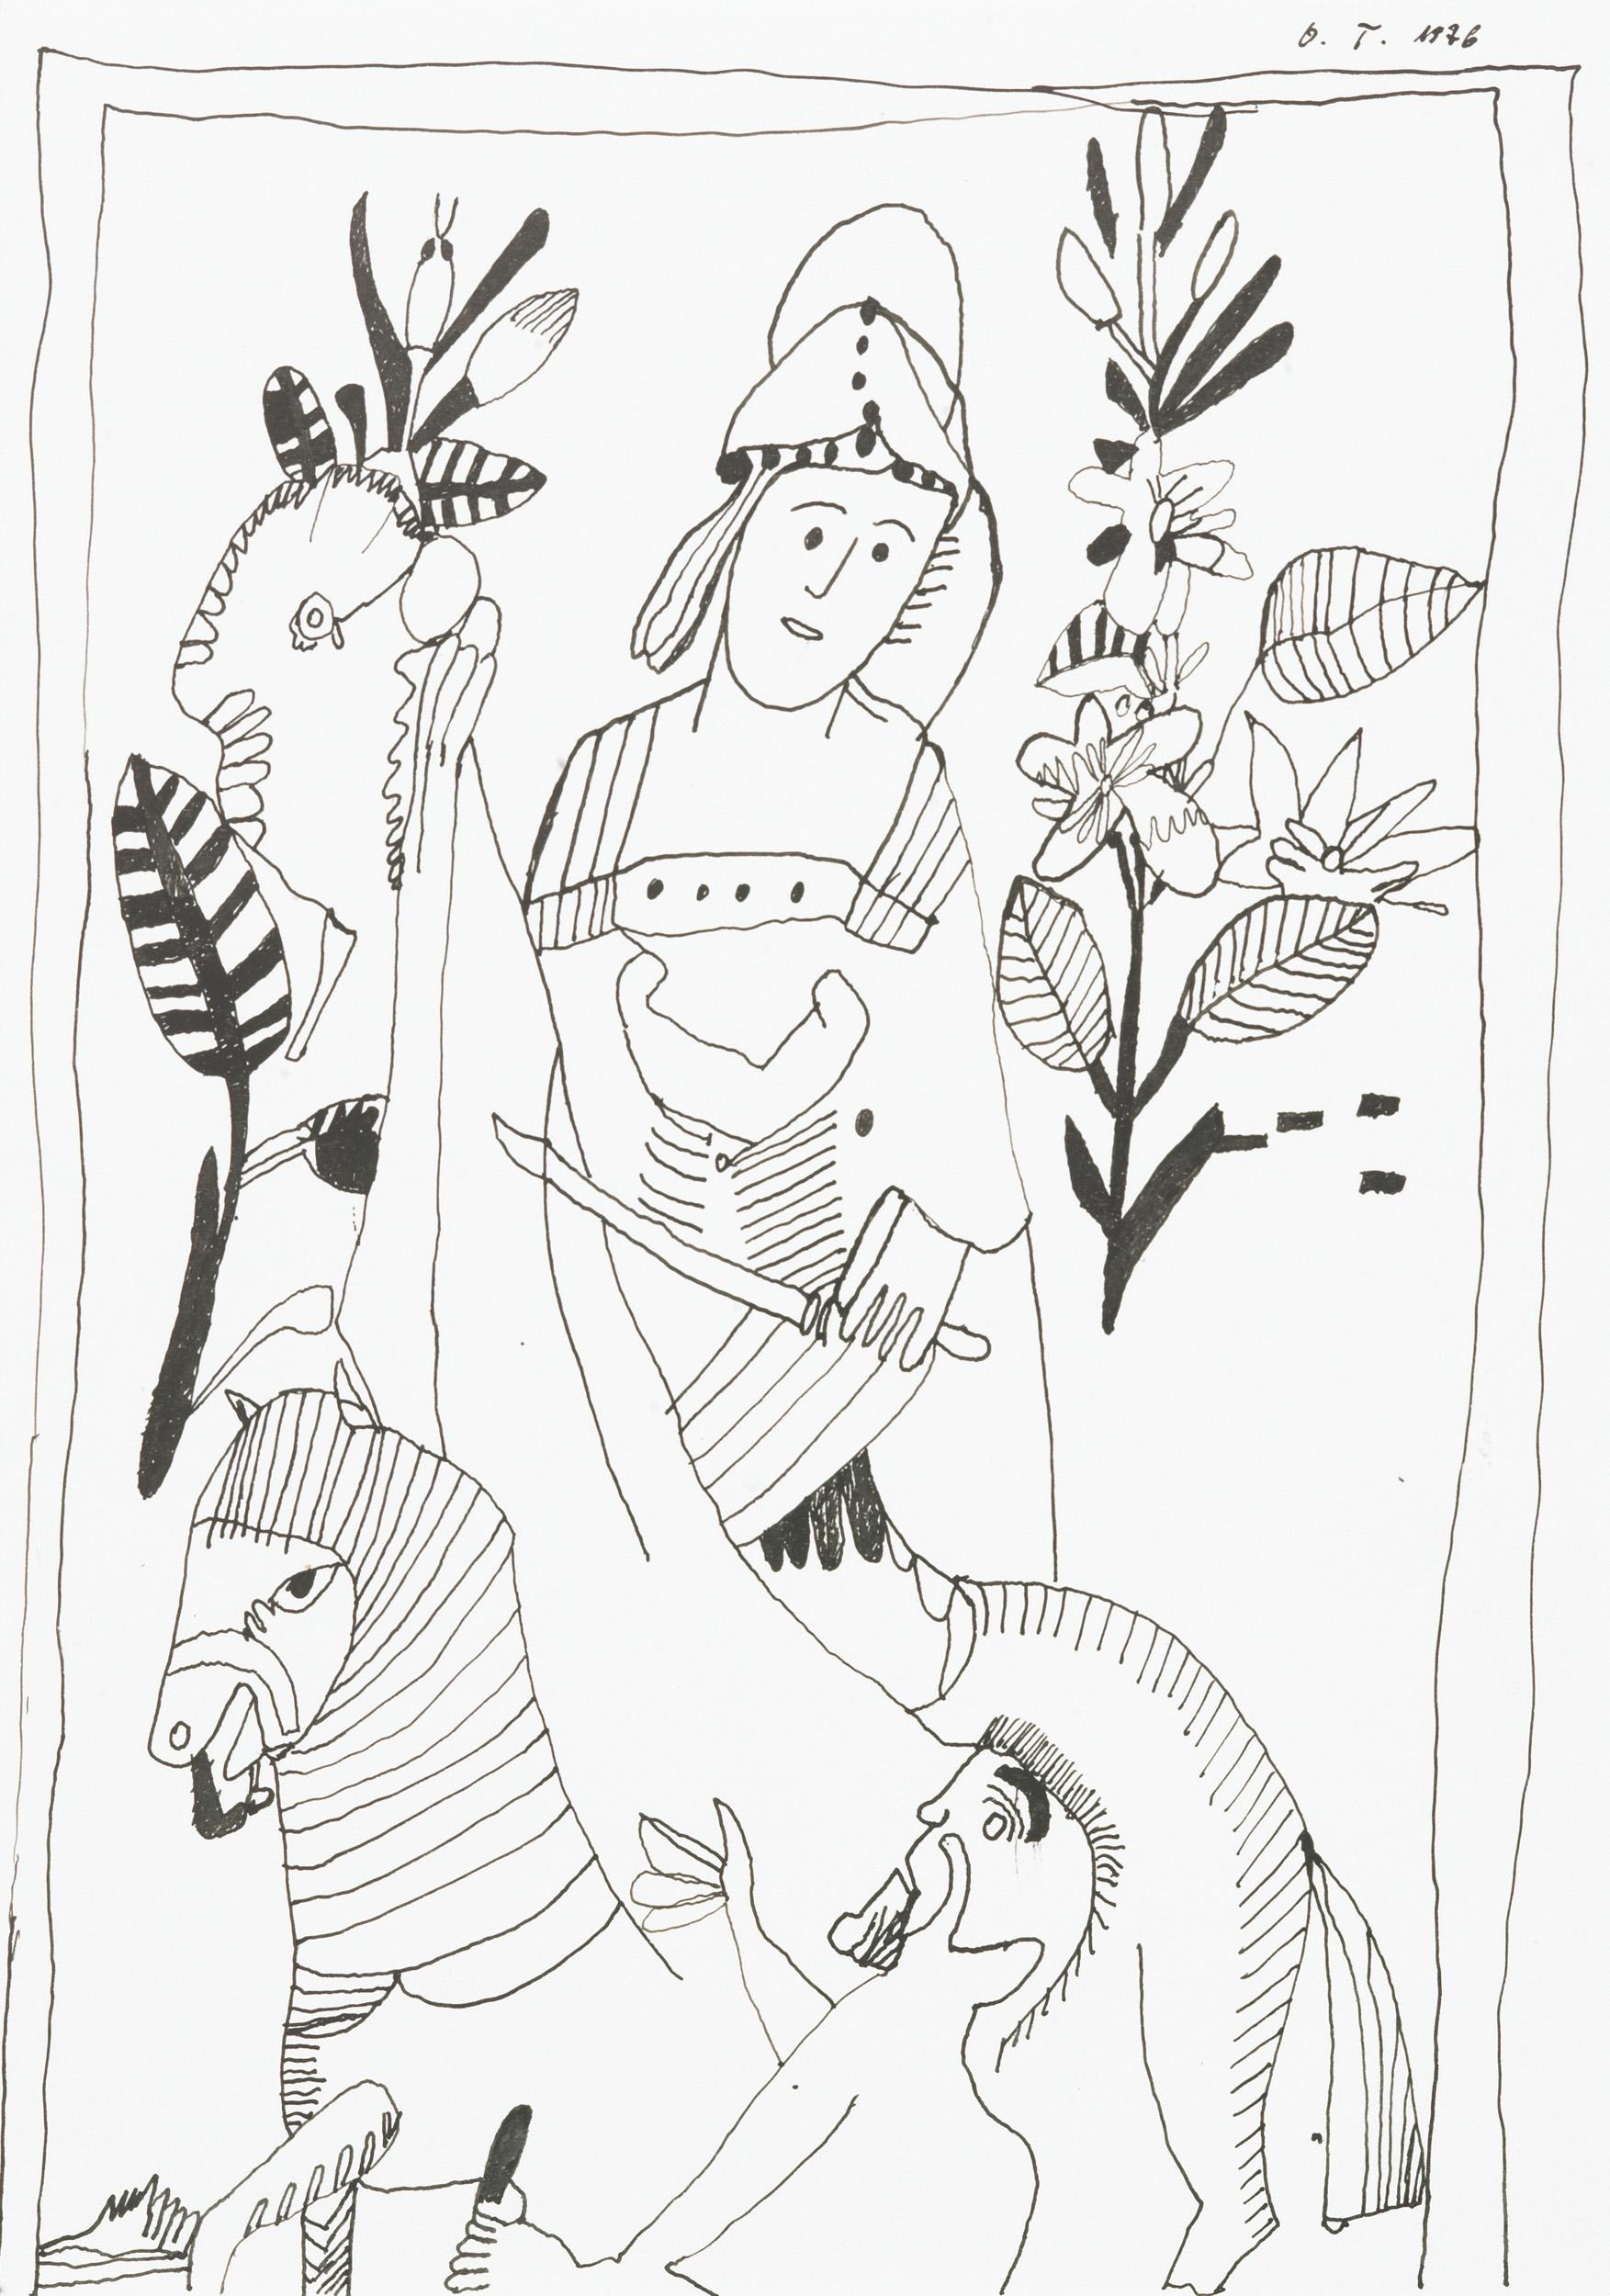 tschirtner oswald - Abzeichnung von einem Bild / Reproduction of an image